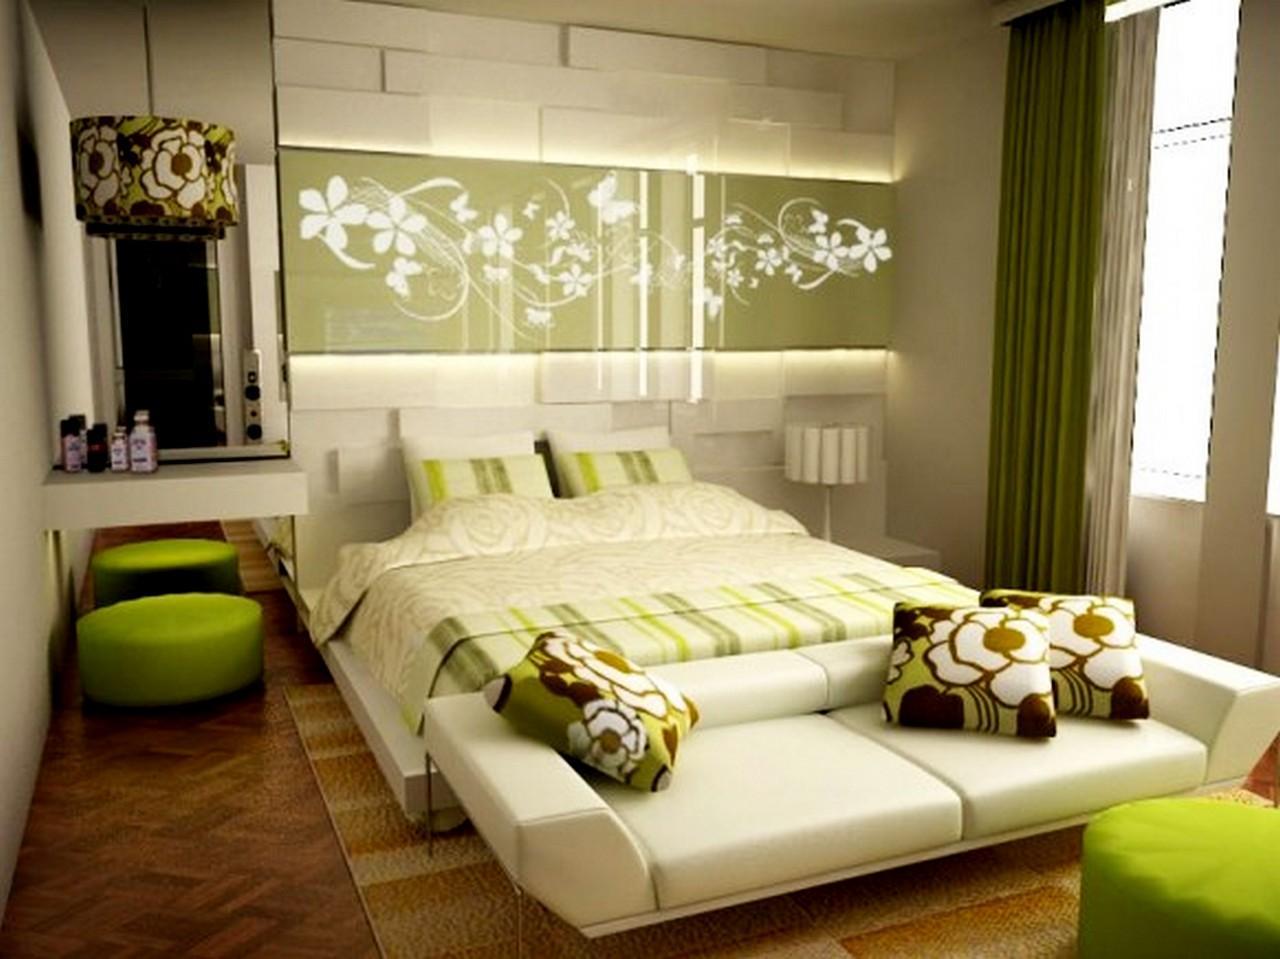 дизайн спальни в хрущевке реальные фото узкой спальни в хрущевке